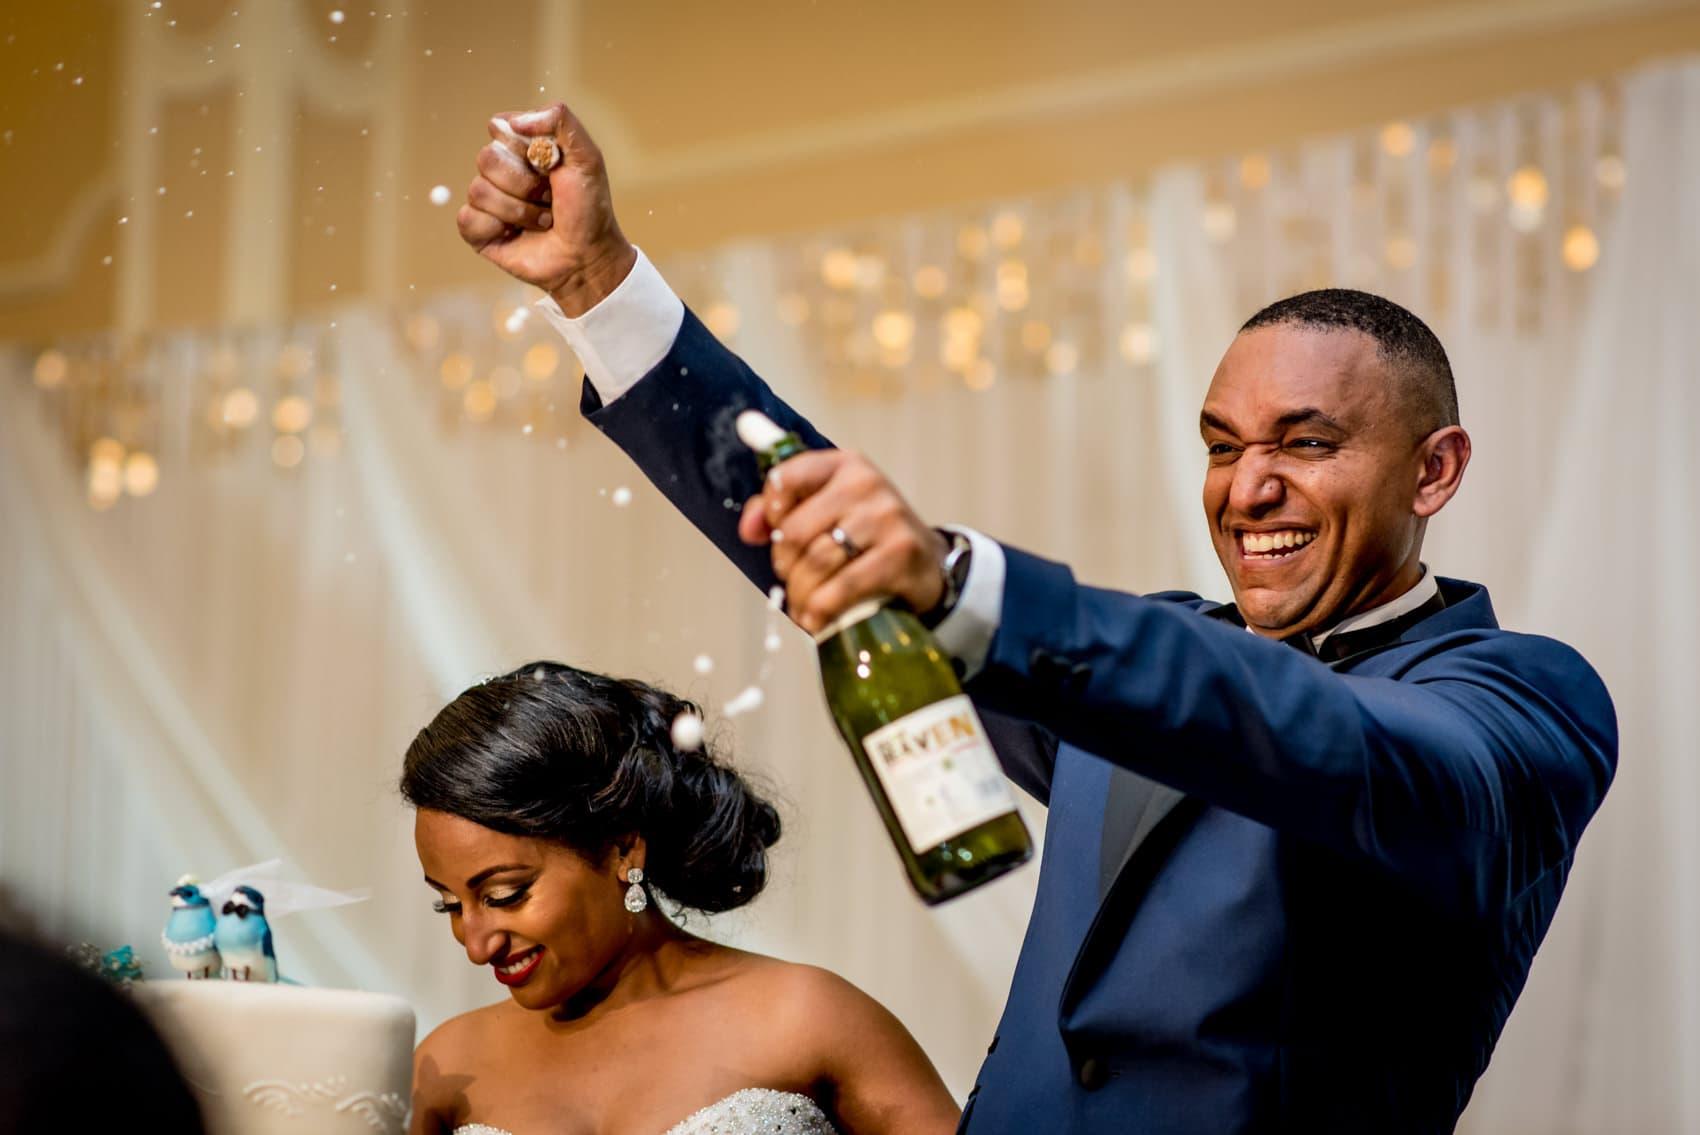 groom pulling cork off a bottle of wine